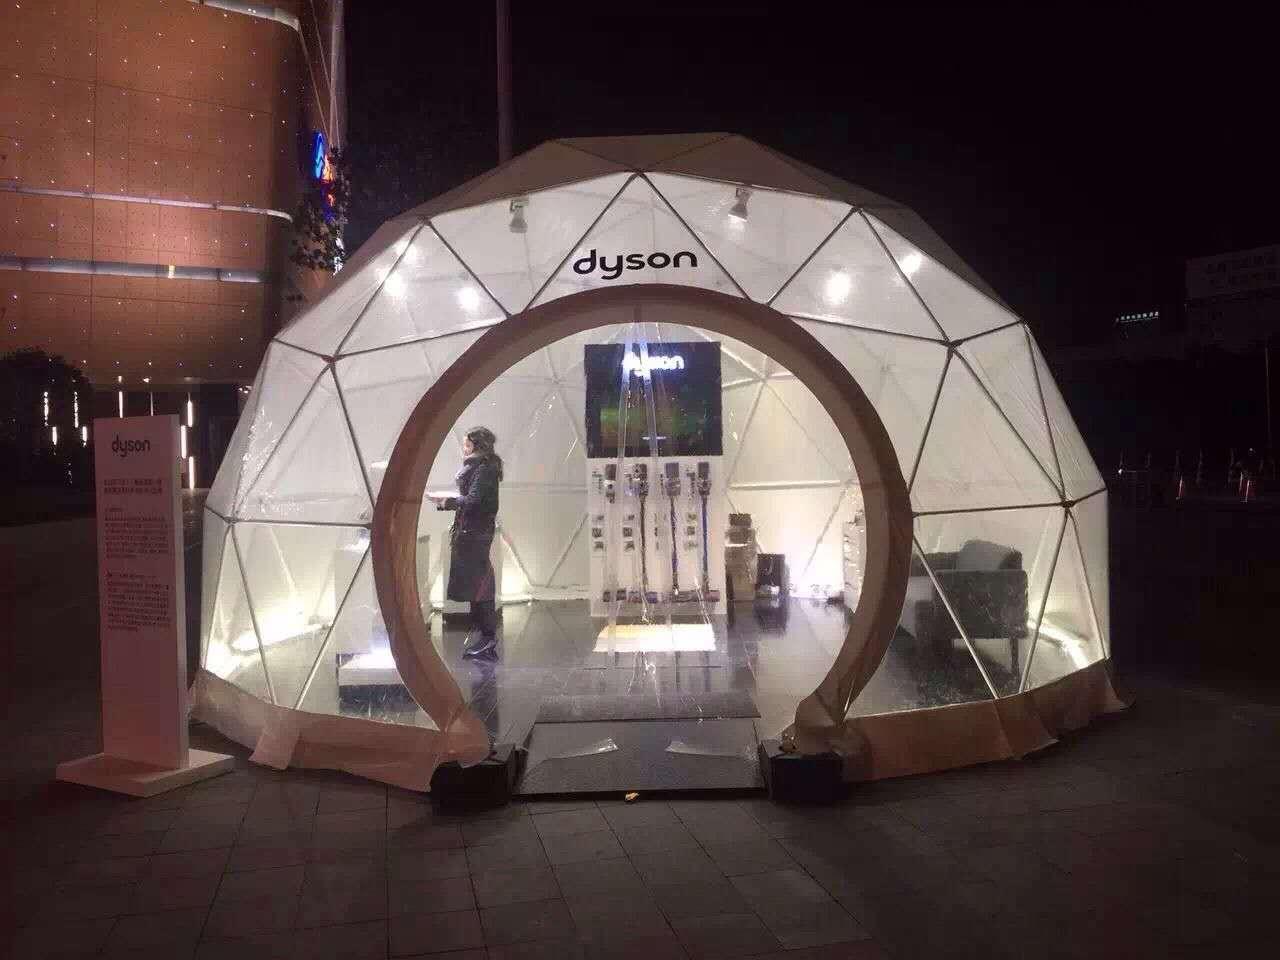 专业制造艺术帐篷,球形阳光篷房 3